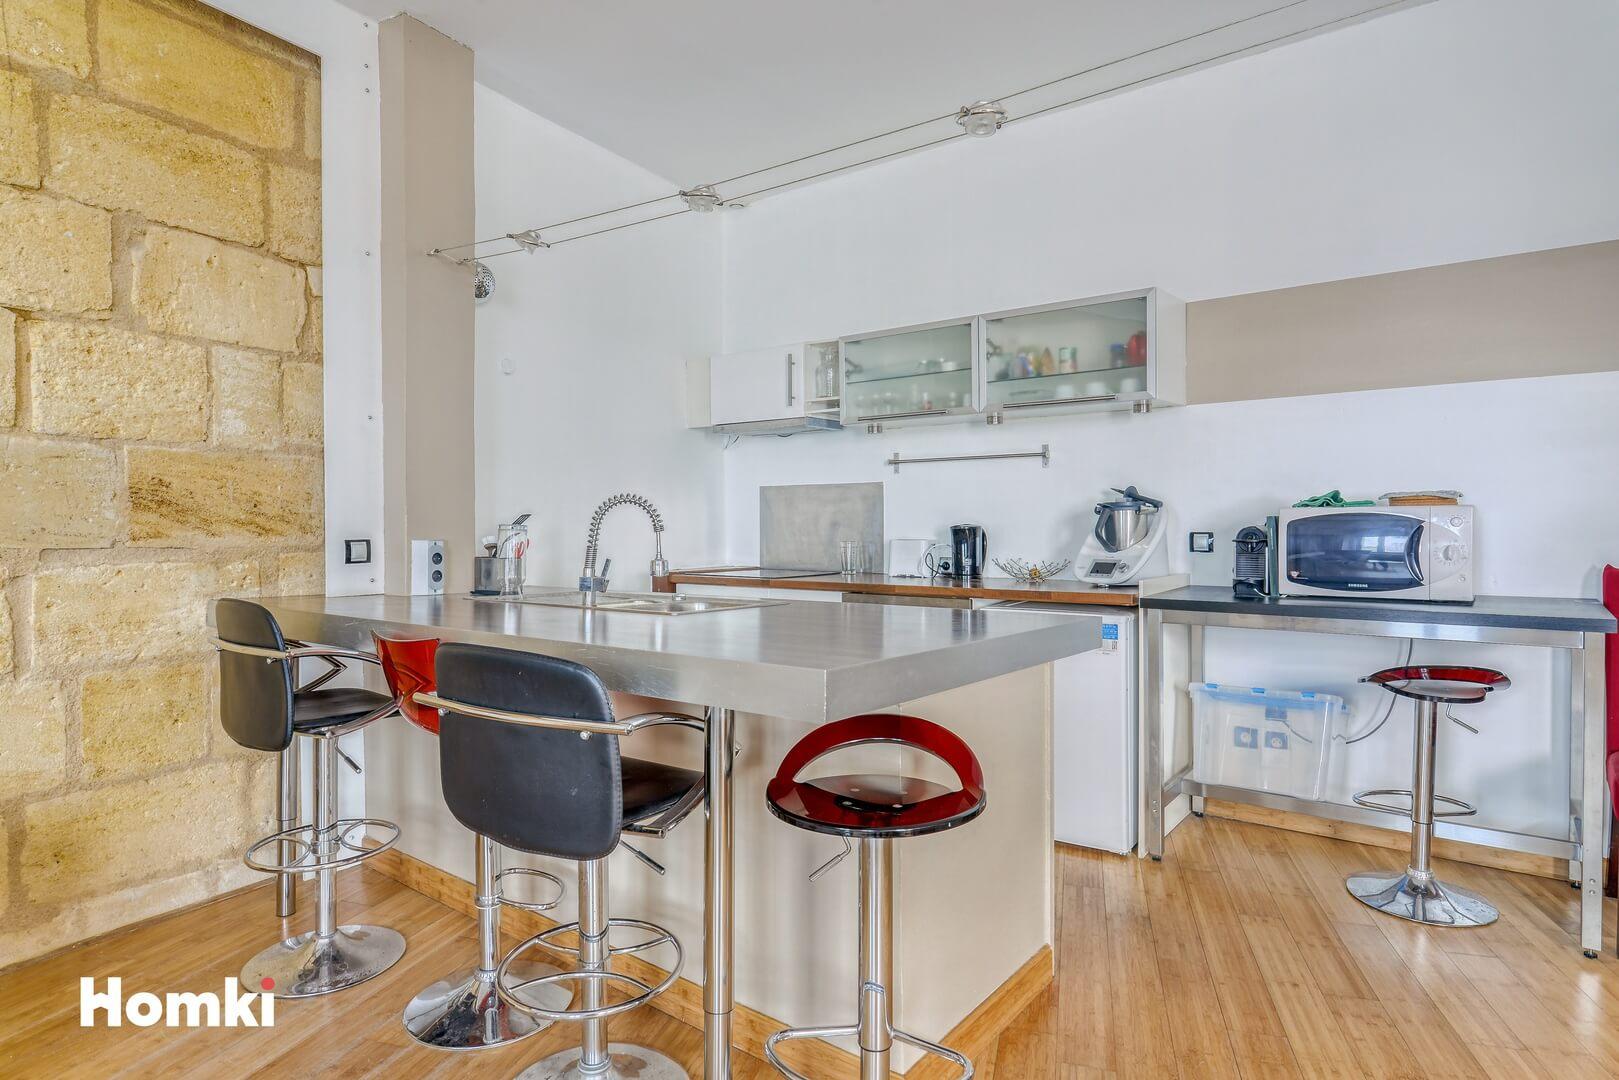 Homki - Vente Maison de ville  de 77.0 m² à Bordeaux 33000